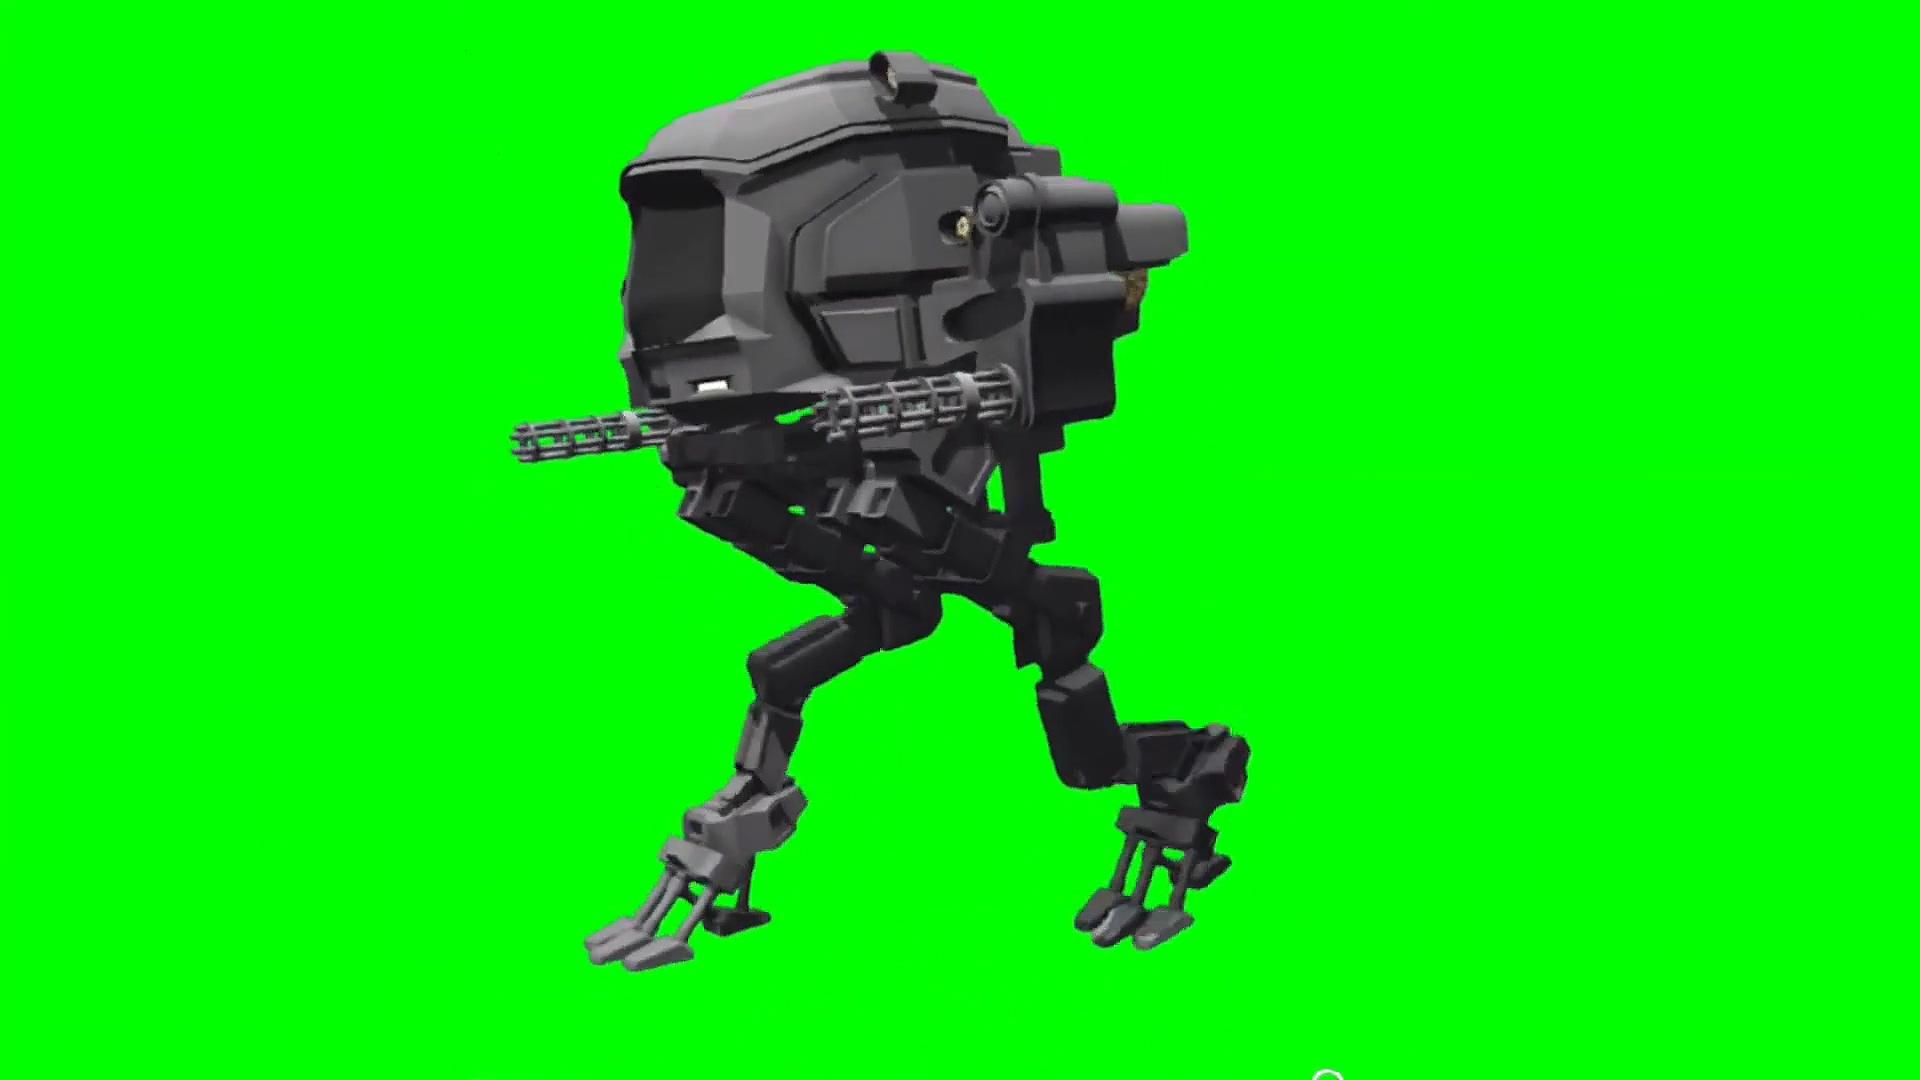 绿幕视频素材机器人.jpg